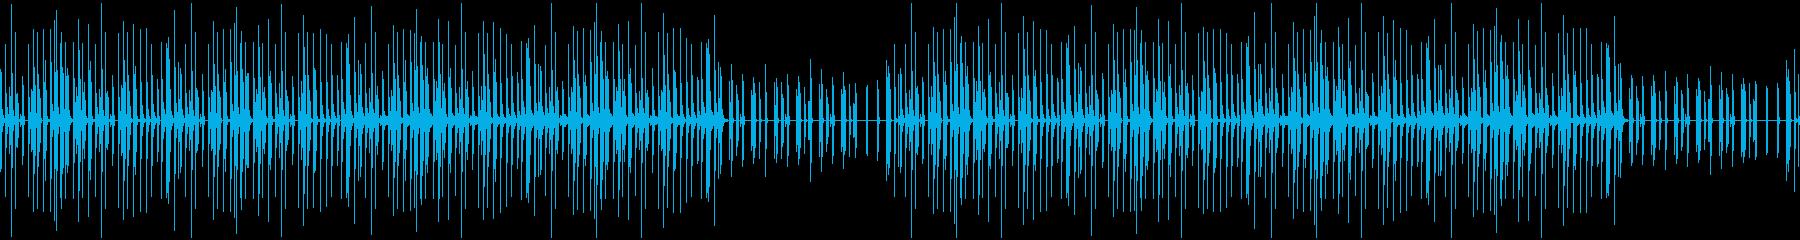 ホップしたくなるかわいい木琴BGMの再生済みの波形